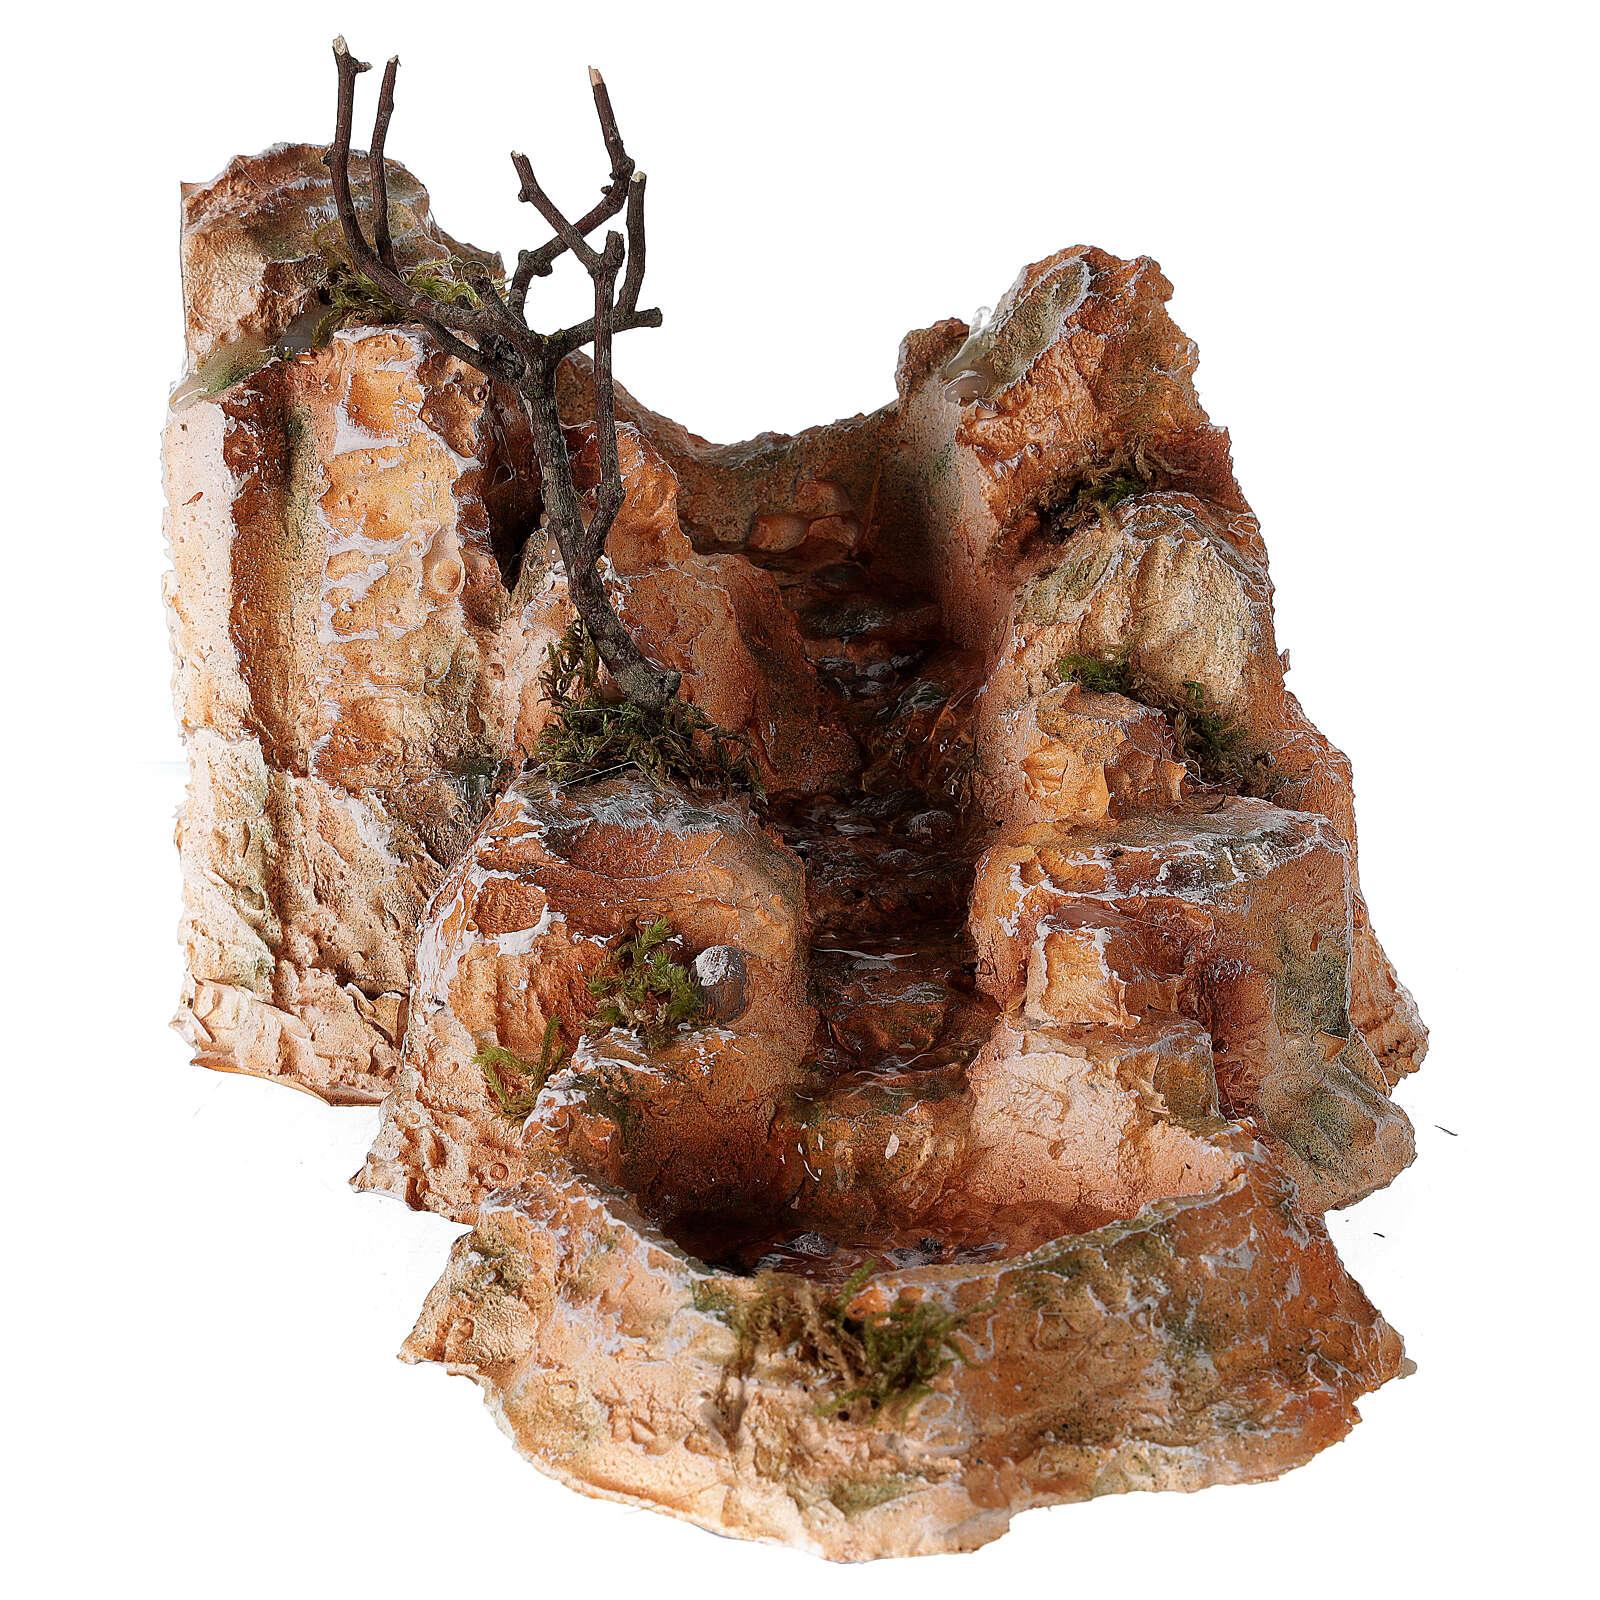 Ruisseau résine style arabe 15x25x30 cm crèche napolitaine 6-8 cm 4